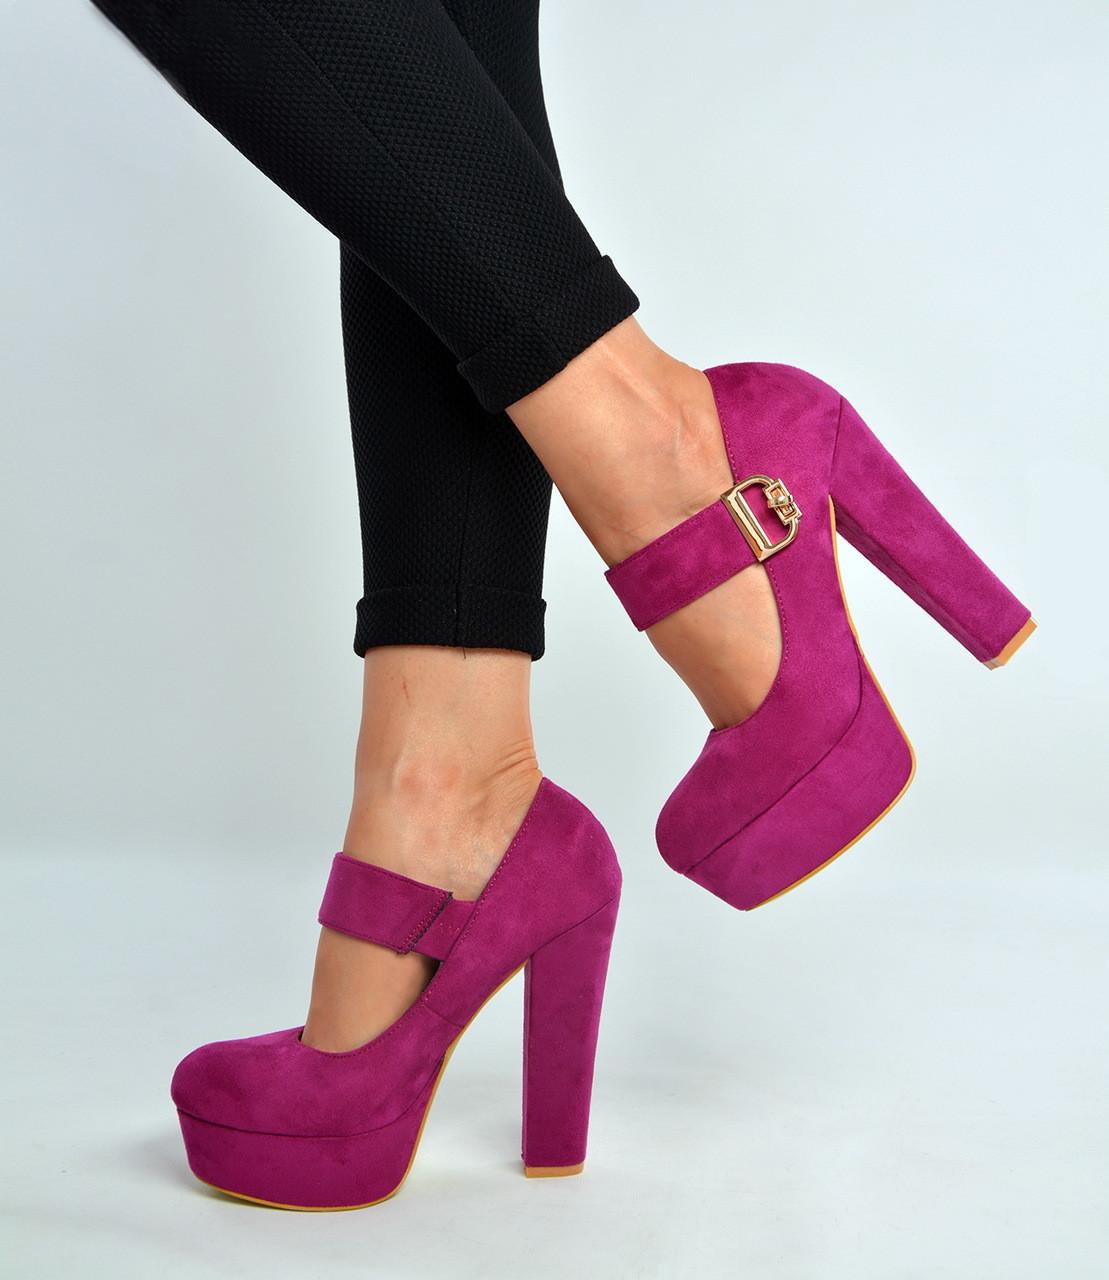 Pumps Ankle Uk 8 Strap Purple Block High Size Court Heels 3 Shoes SMLVUzjqpG